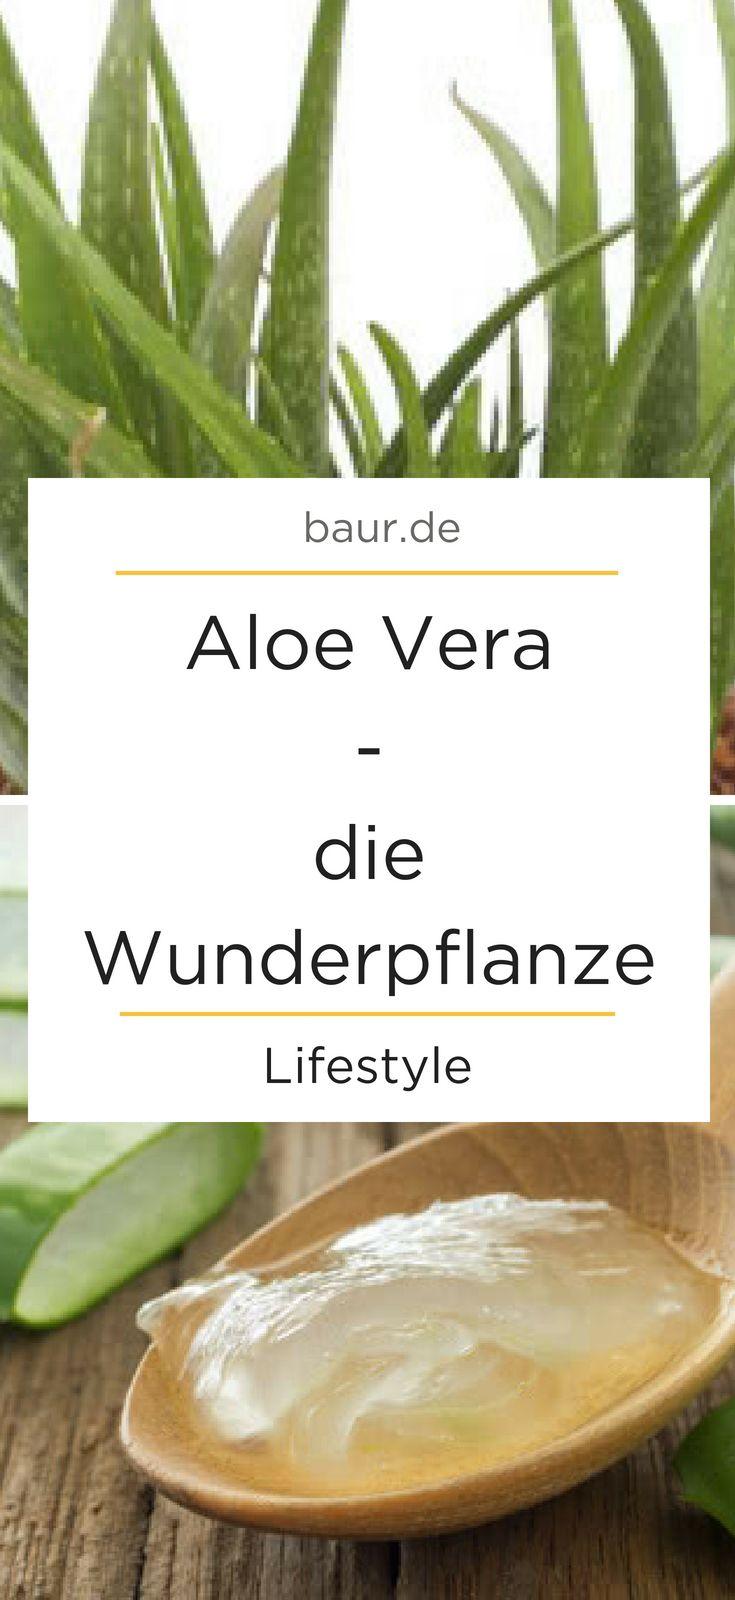 Die Wunderpflanze Aus Den Eigenen 4 Wanden Die Aloe Vera Pflanze Auch Echte Aloe Genannt Ist Nicht Nur Aloe Vera Pflanze Aloe Vera Pflanze Pflege Aloe Vera